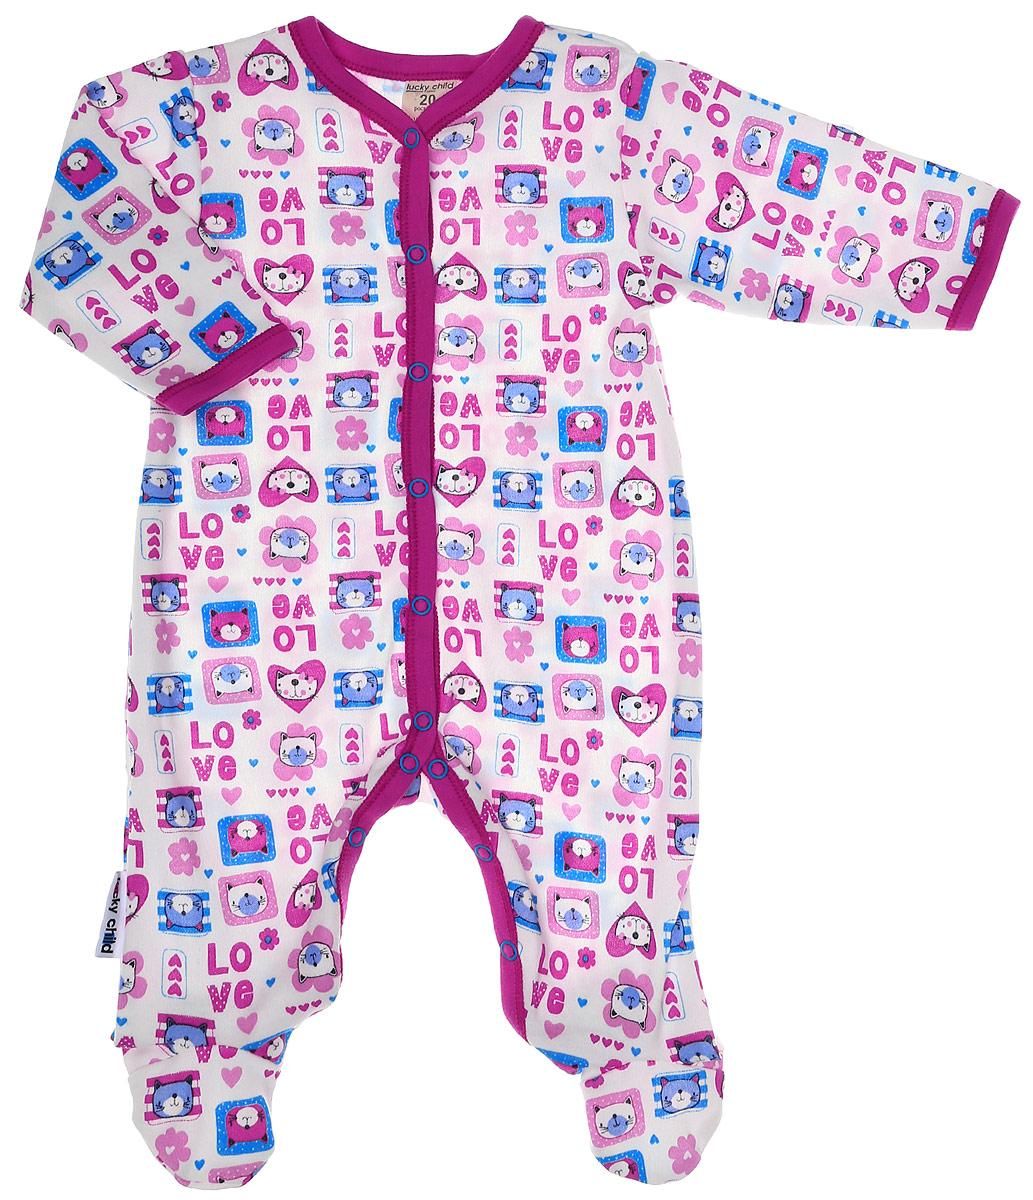 Комбинезон домашний детский Luky Child, цвет: розовый, молочный. А6-101/цв. Размер 56/62А6-101/цвДетский комбинезон Lucky Child - очень удобный и практичный вид одежды для малышей. Комбинезон выполнен из натурального хлопка, благодаря чему он необычайно мягкий и приятный на ощупь, не раздражают нежную кожу ребенка и хорошо вентилируются, а эластичные швы приятны телу малыша и не препятствуют его движениям. Комбинезон с длинными рукавами и закрытыми ножками имеет застежки-кнопки, которые помогают легко переодеть младенца или сменить подгузник. С детским комбинезоном Lucky Child спинка и ножки вашего малыша всегда будут в тепле, он идеален для использования днем и незаменим ночью. Комбинезон полностью соответствует особенностям жизни младенца в ранний период, не стесняя и не ограничивая его в движениях!